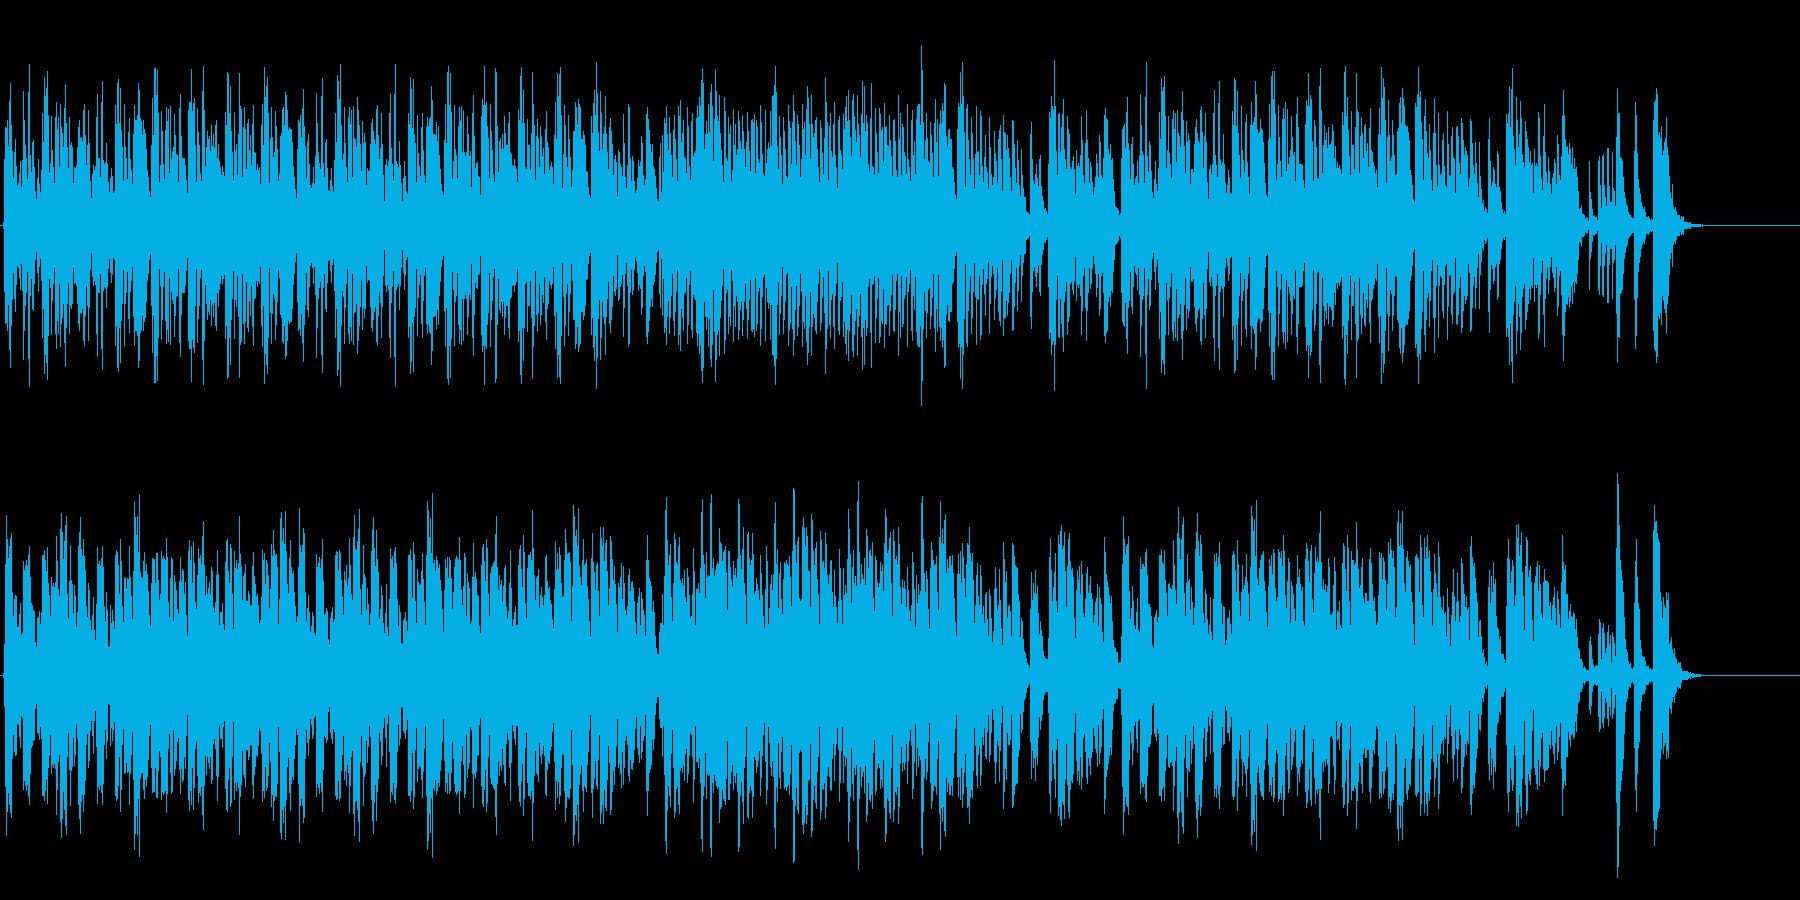 かわいい雰囲気のコミカル曲の再生済みの波形